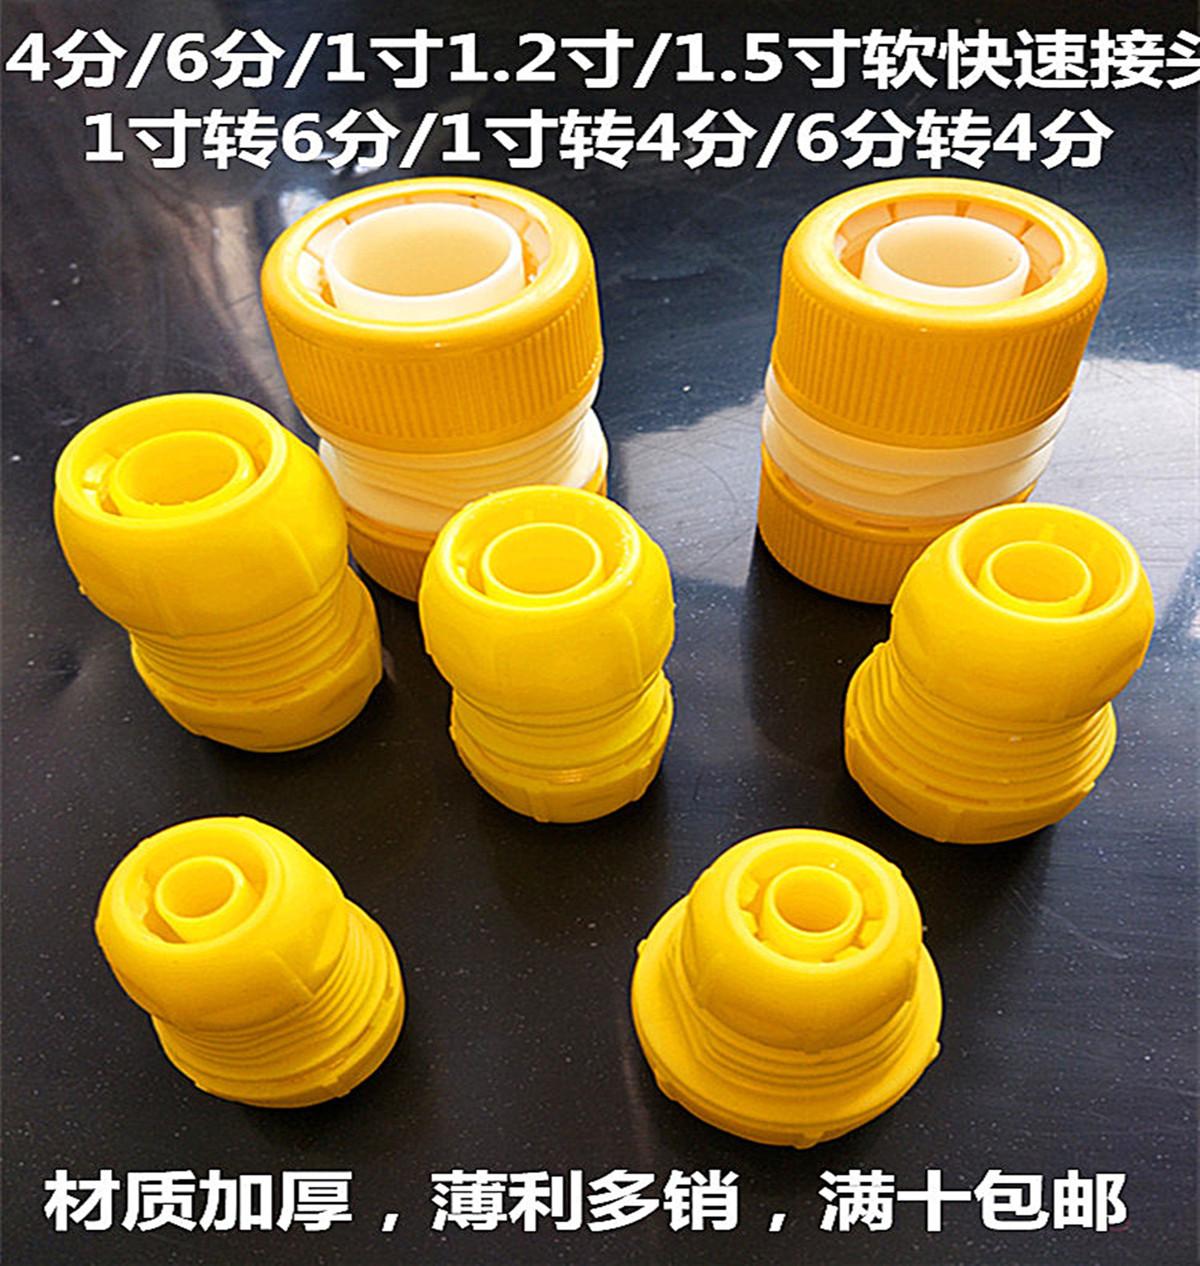 4 филиал 6 филиал 1 дюймовый 1.2 дюймовый 1.5 дюймовый кнут трубы соединитель сад пластик стыковка глава шланг продлить союз глава